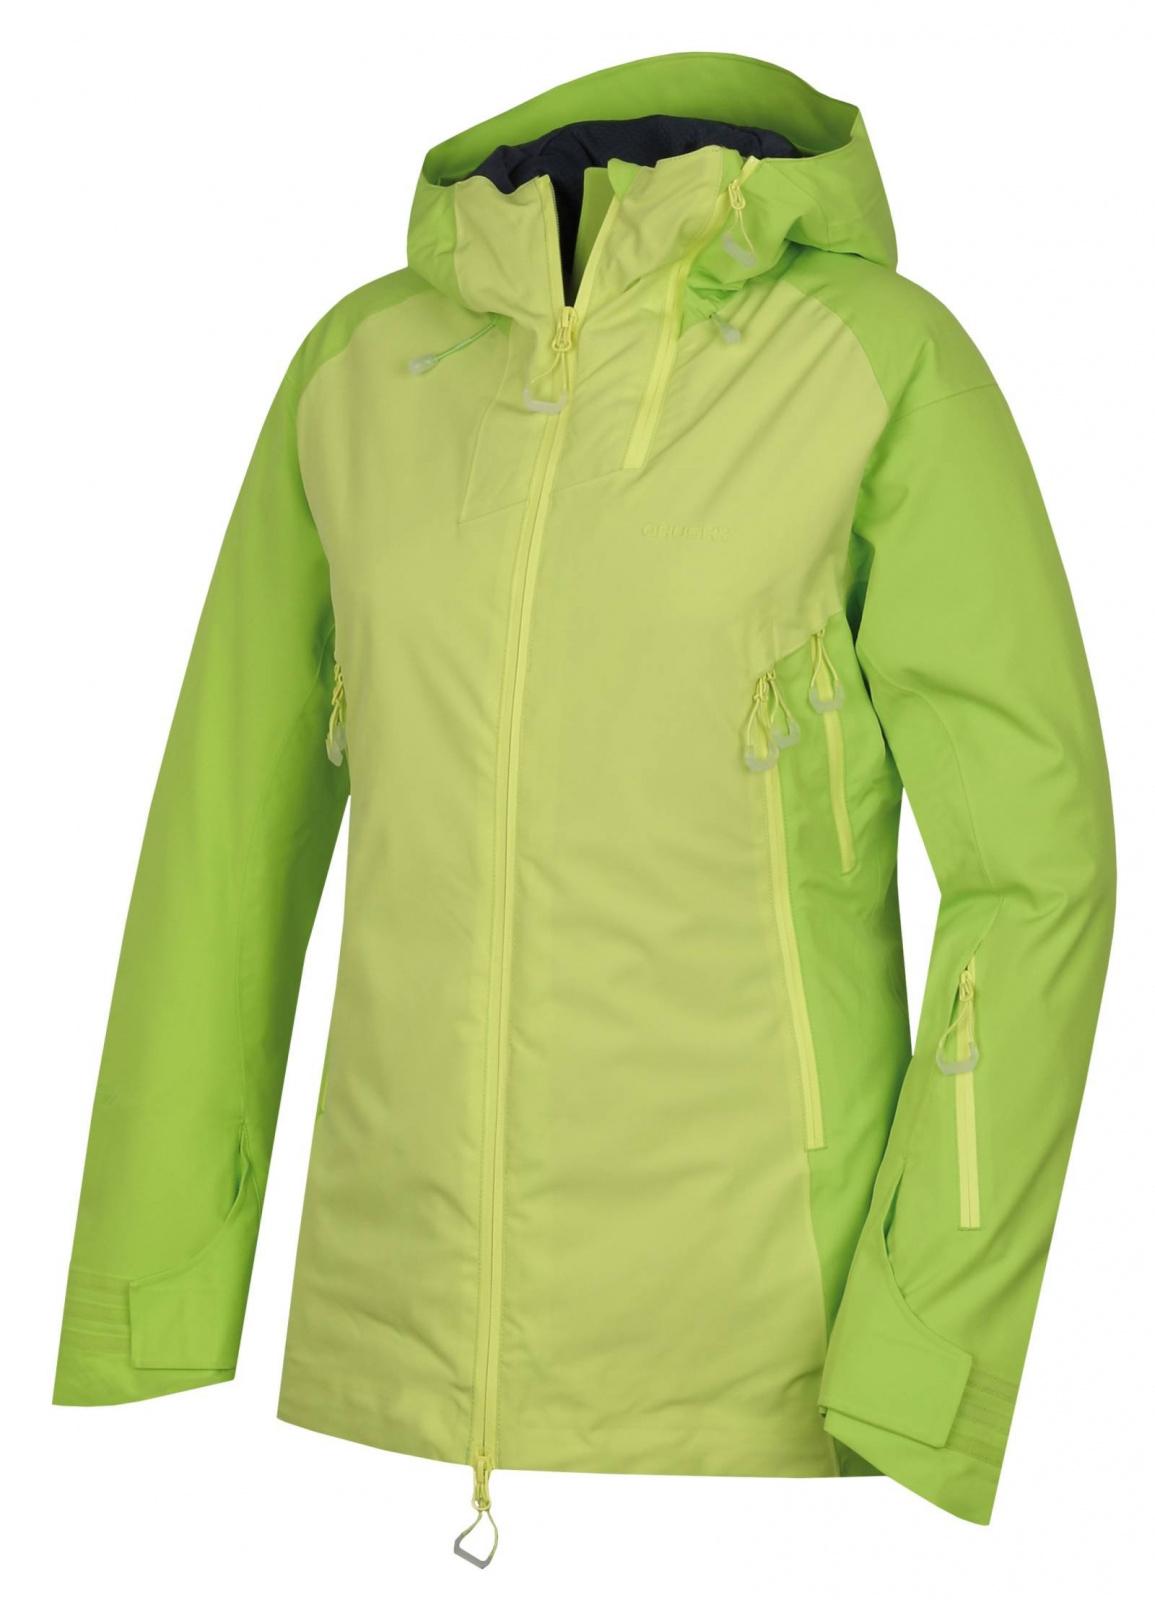 Husky Gambola L výrazne zelená / sv. zelená, M Dámska hardshell plnená bunda